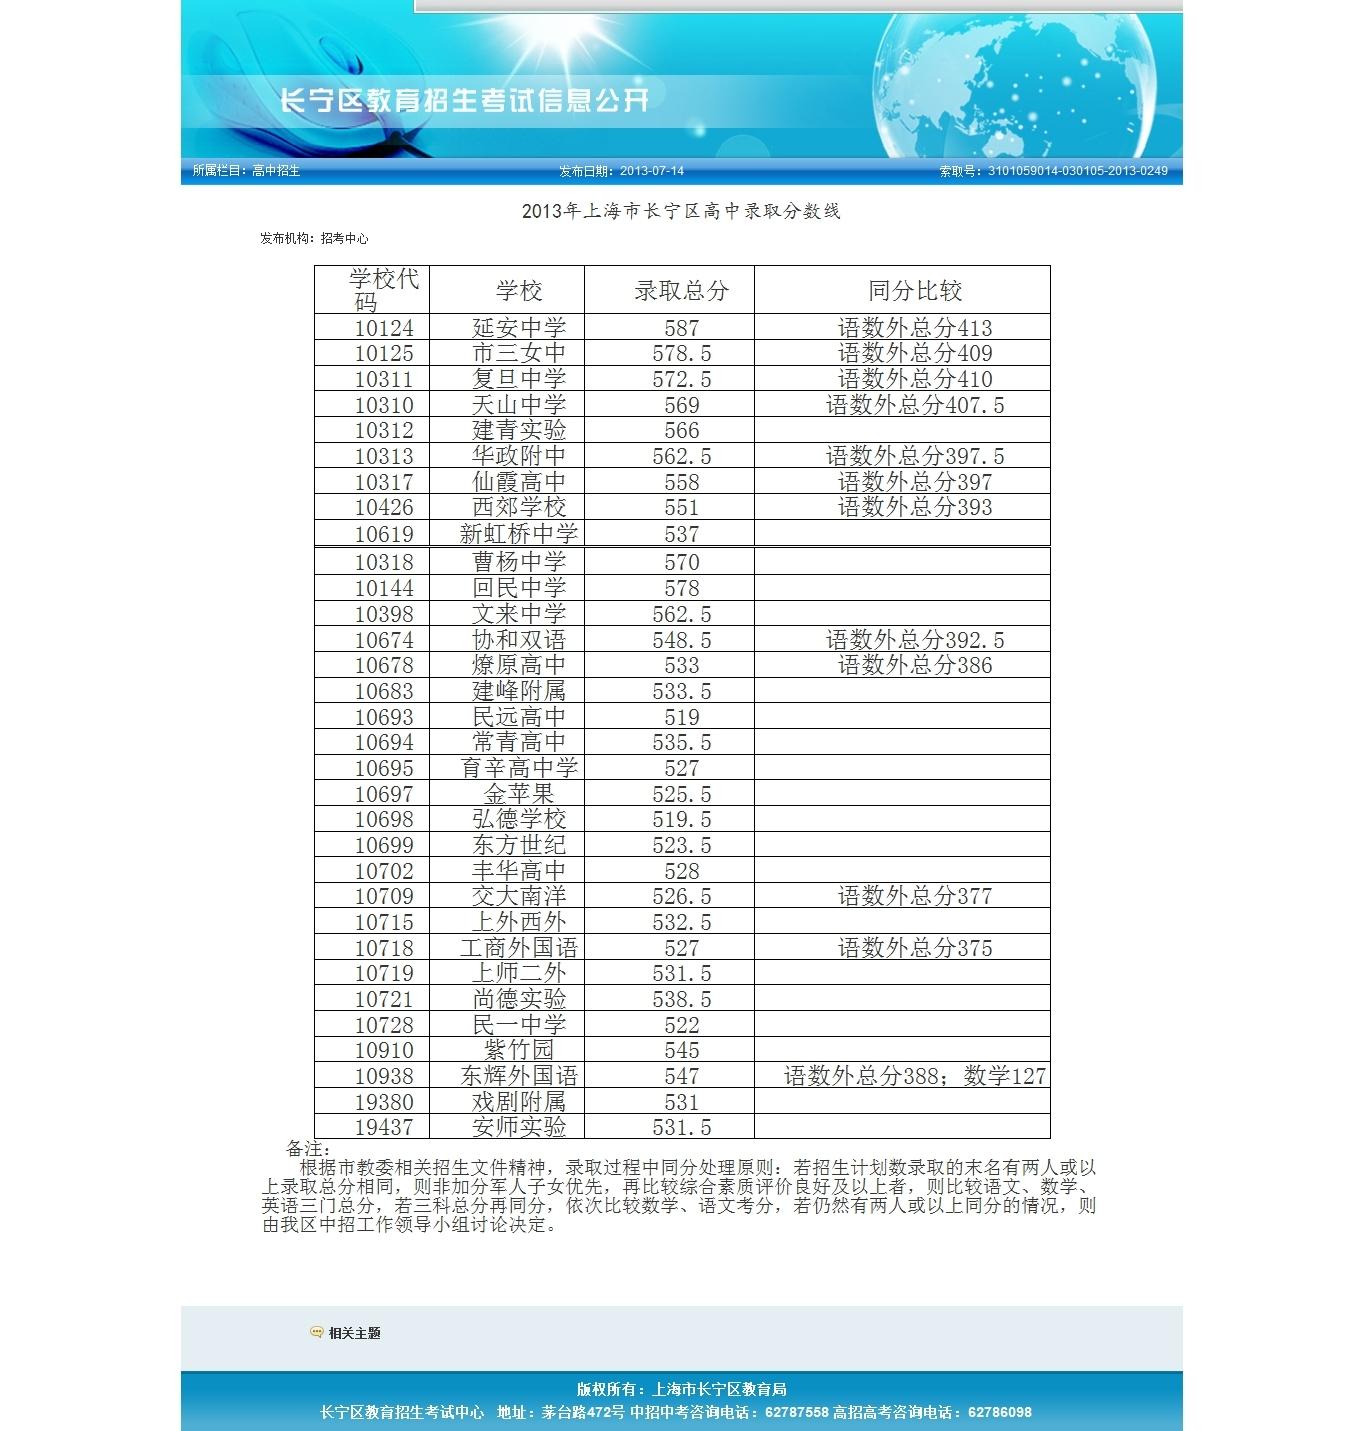 2013中考分数线_2013年上海中考录取分数线_2013上海录取分数线_淘宝助理